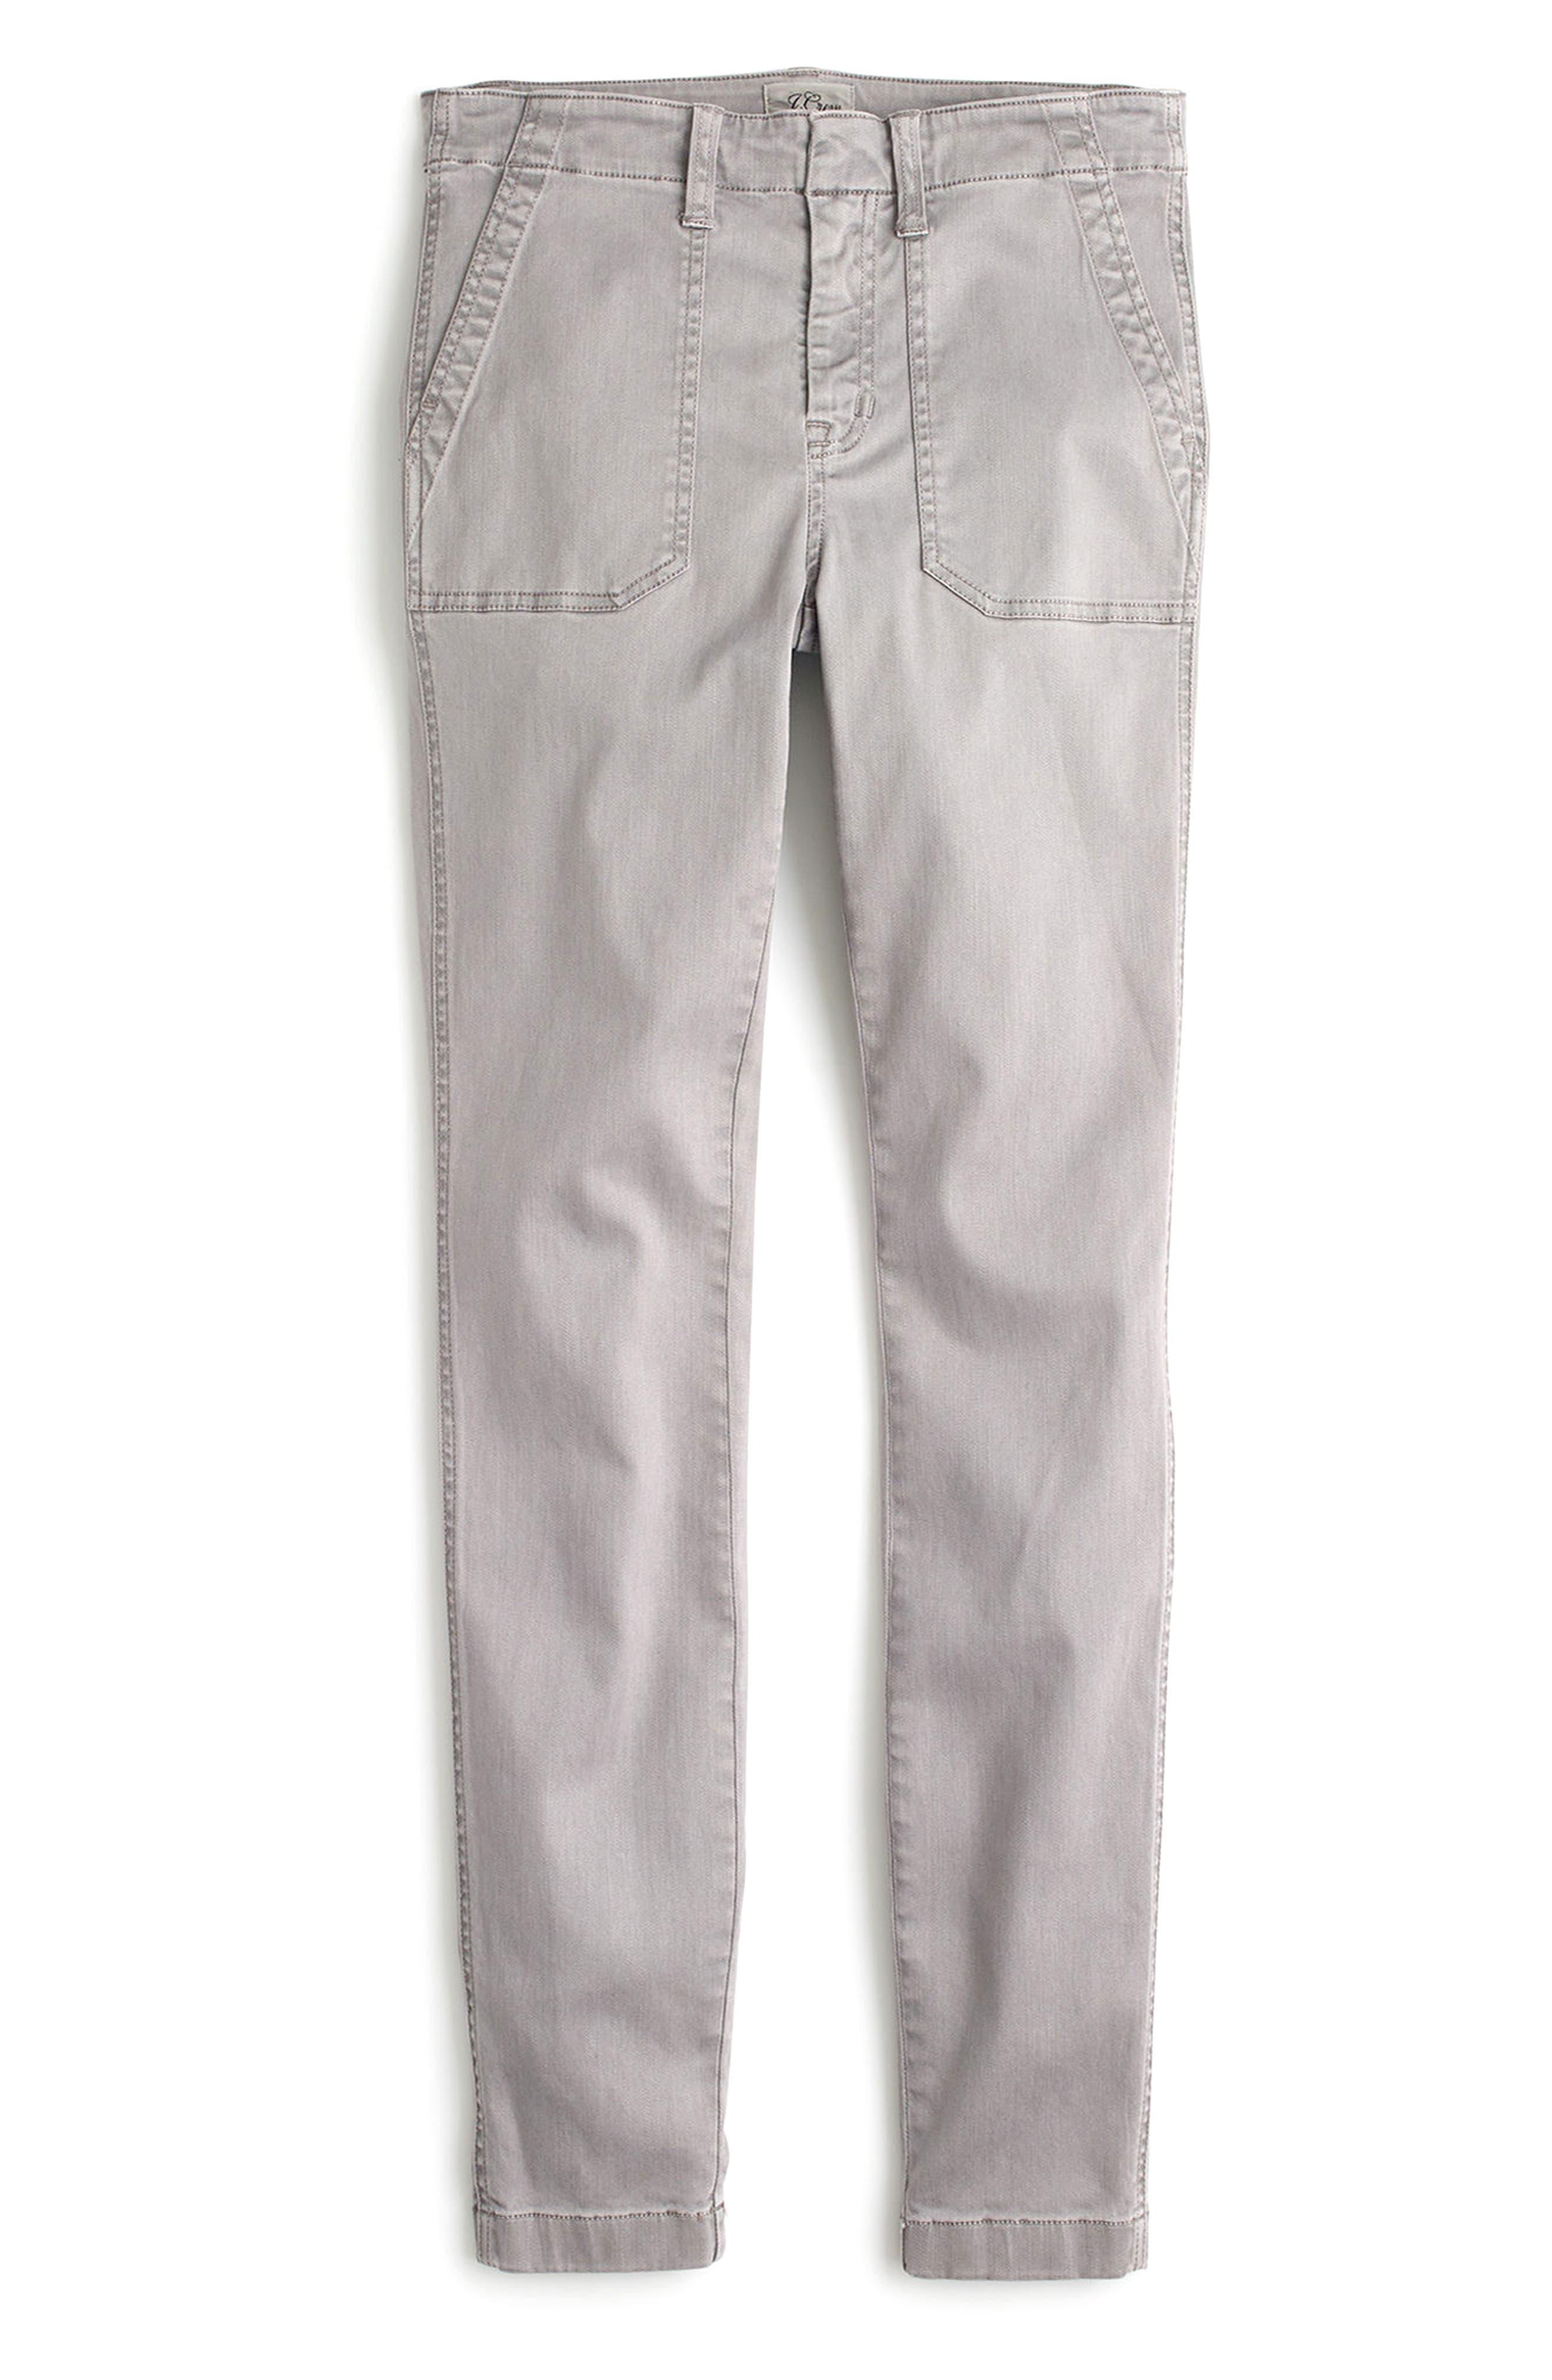 J.Crew Skinny Cargo Pants (Regular & Petite)